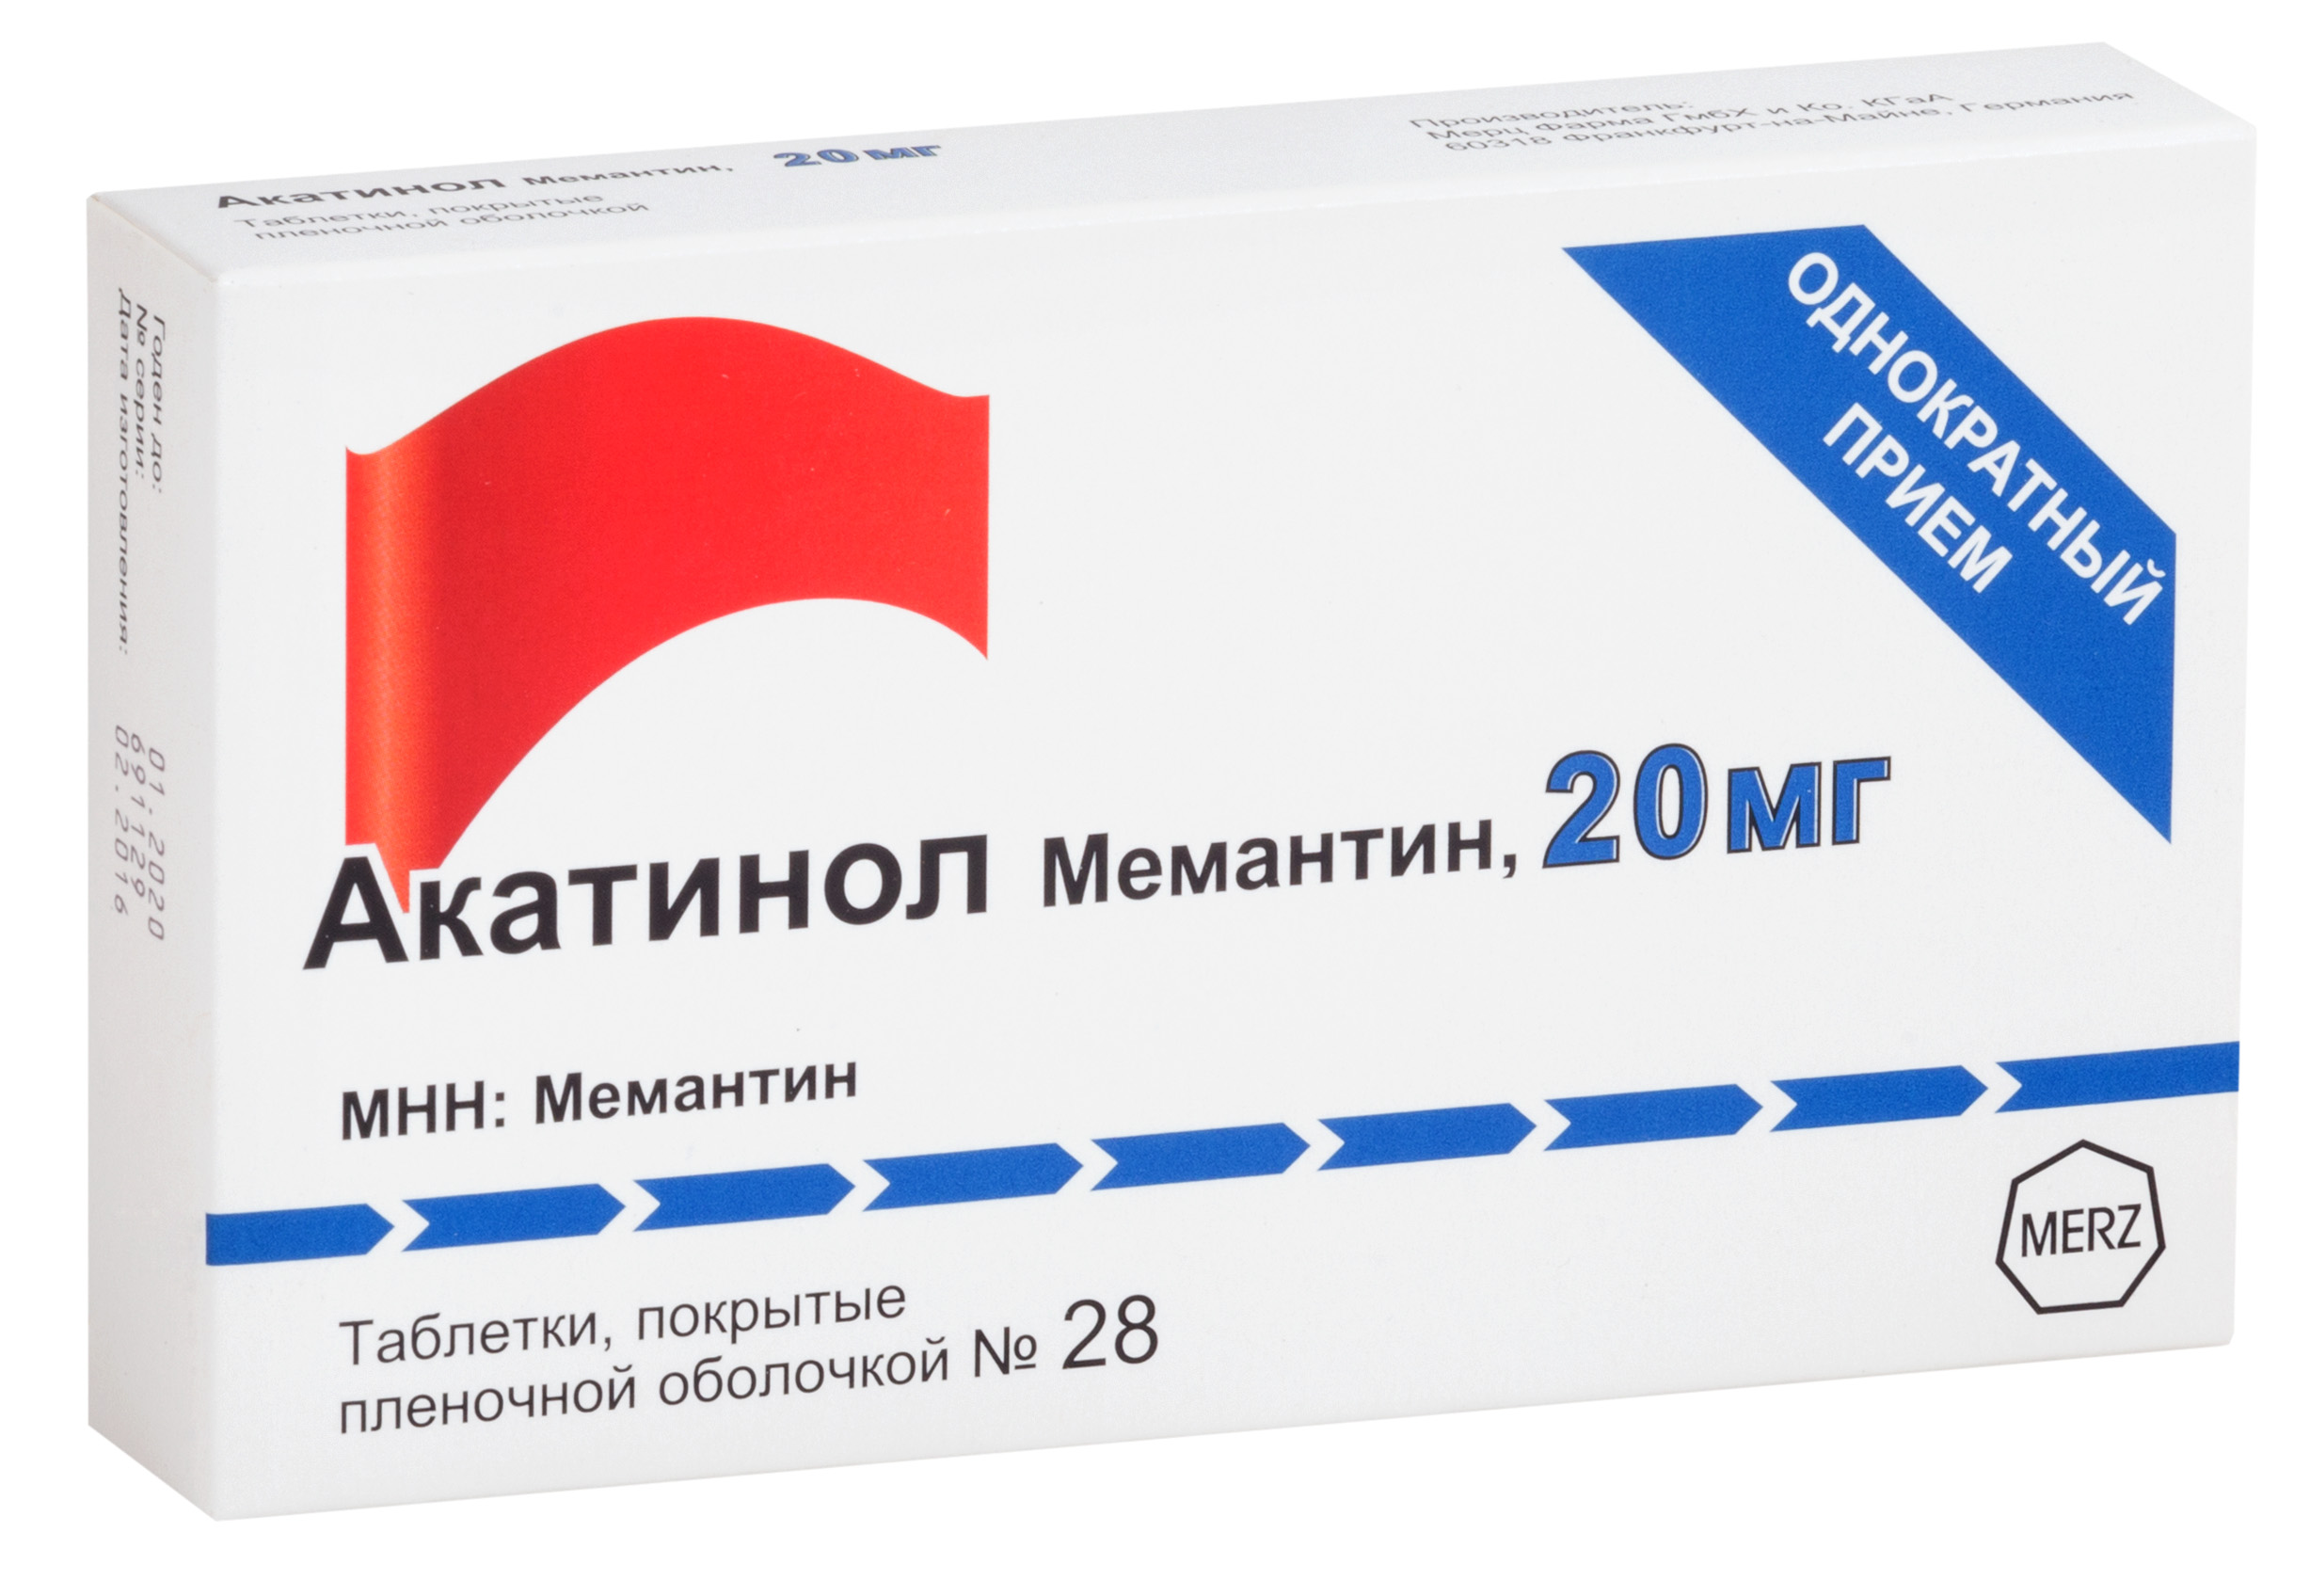 Мемантинол – инструкция по применению, цена препарата, отзывы, аналоги